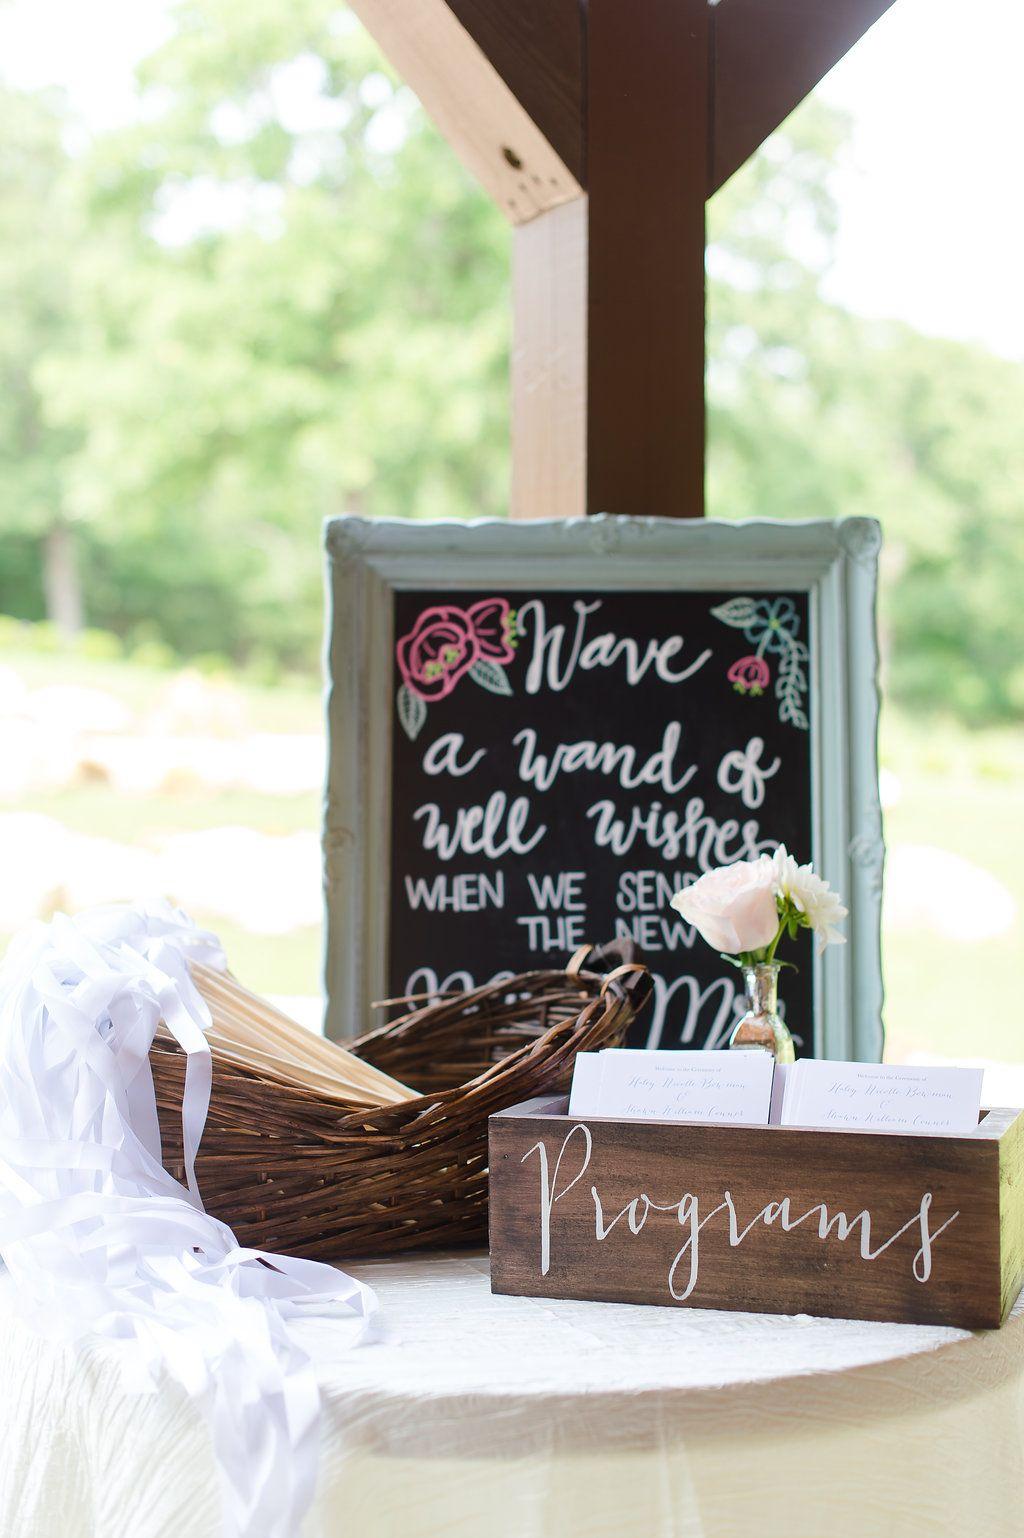 Denton Wedding Venue and Reception Hall   Wedding signs ...